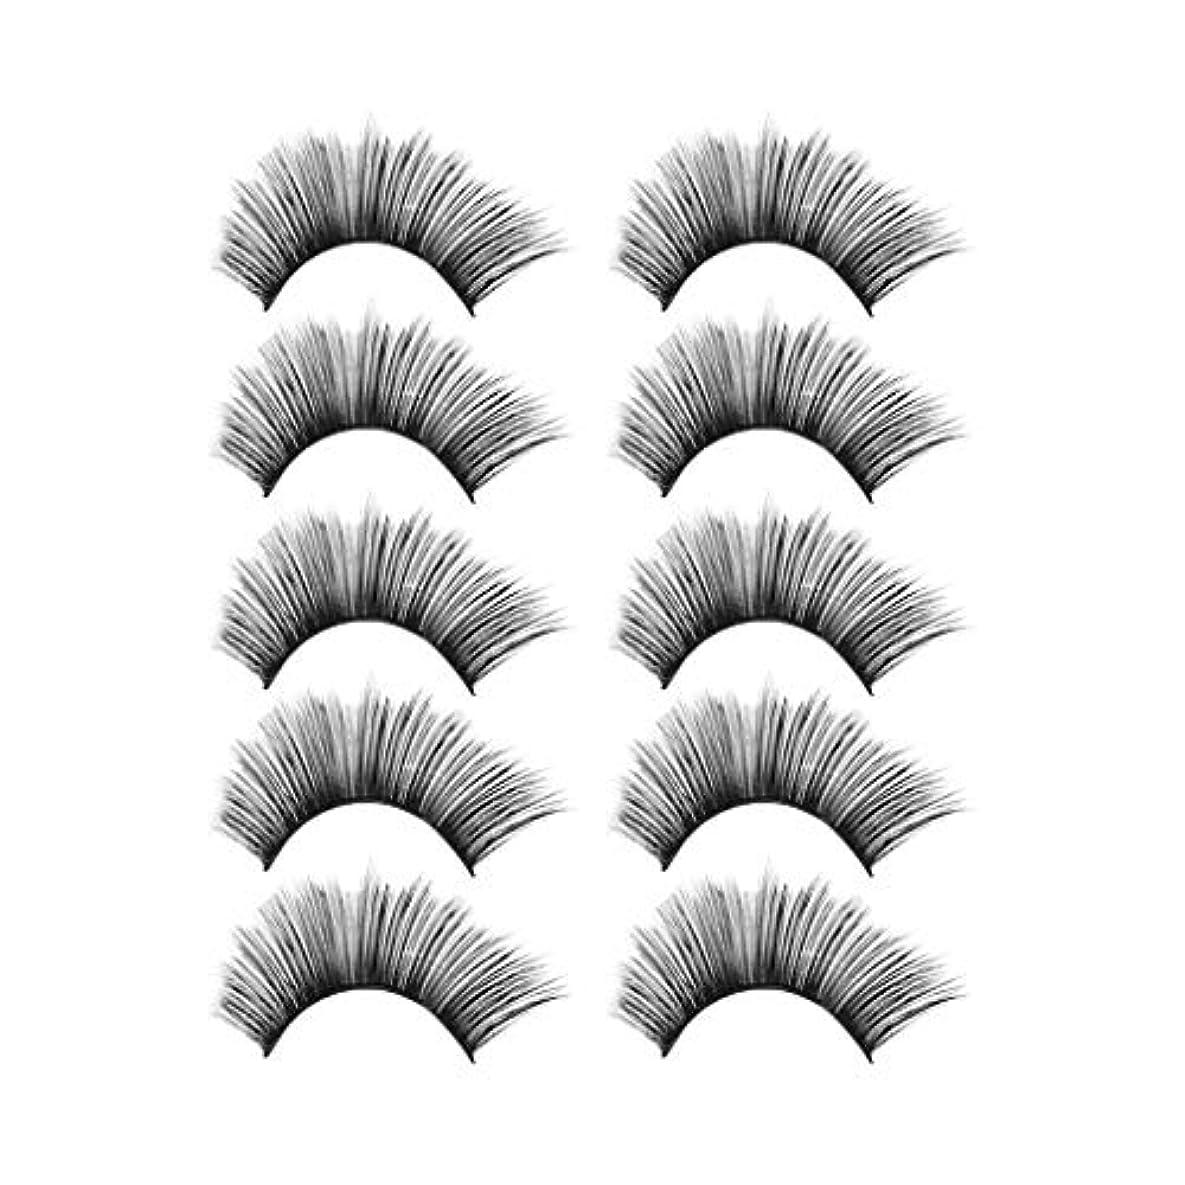 記録喉頭リード贅沢な構造5Pair 3Dのまつげふわふわのストリップまつげの長く自然な党